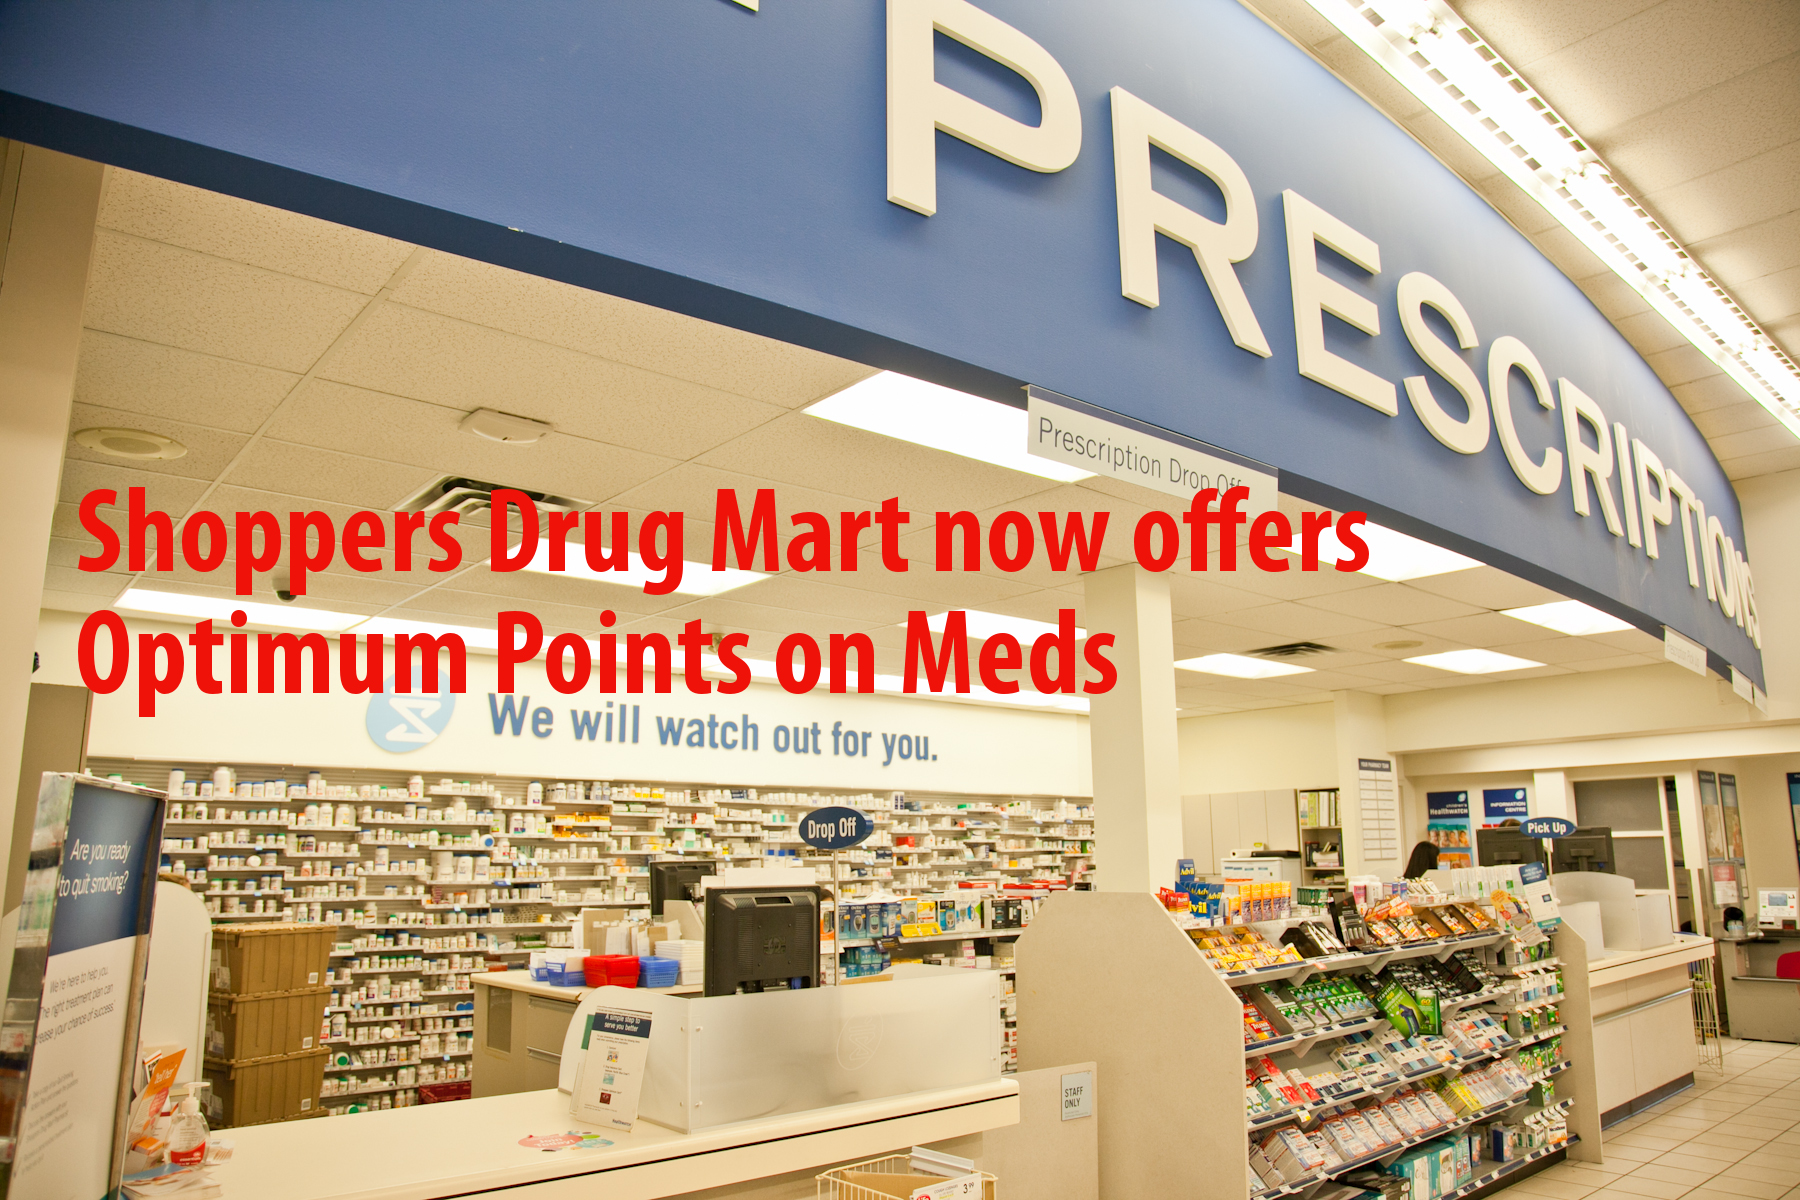 shoppers prescription